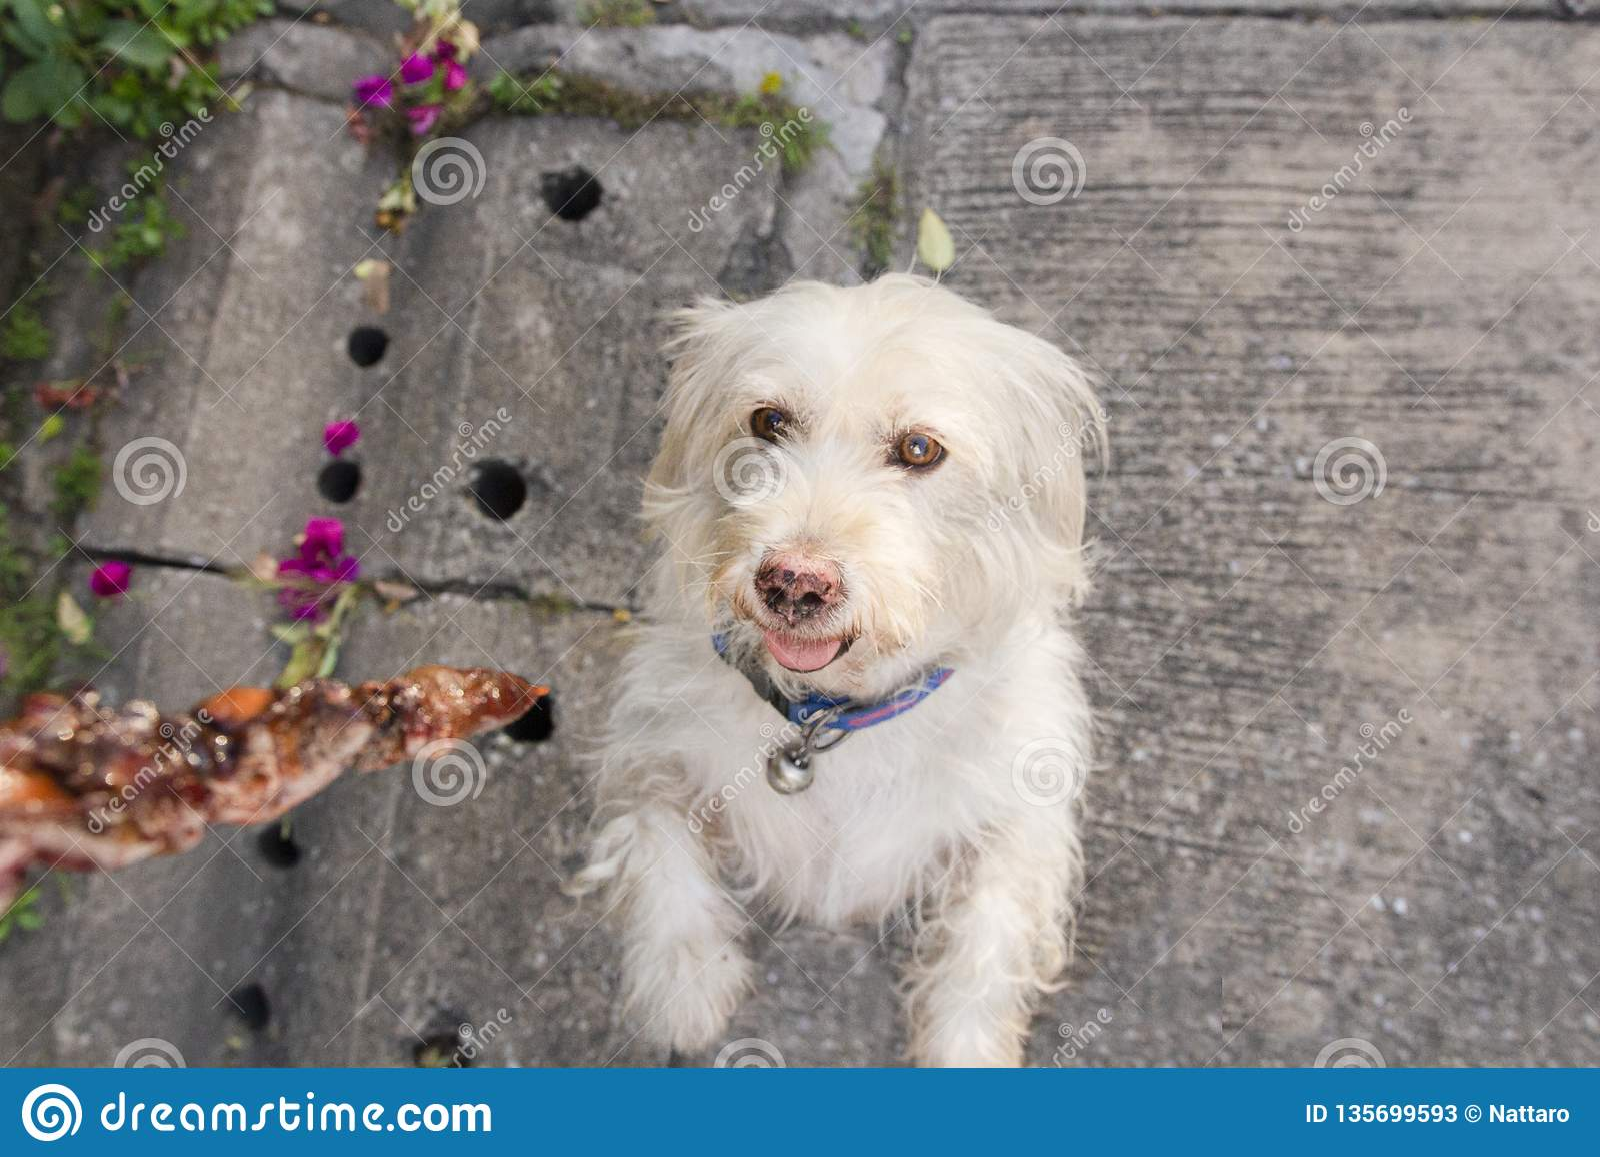 Собака получая еду от владельца на улице Фокус на собаке